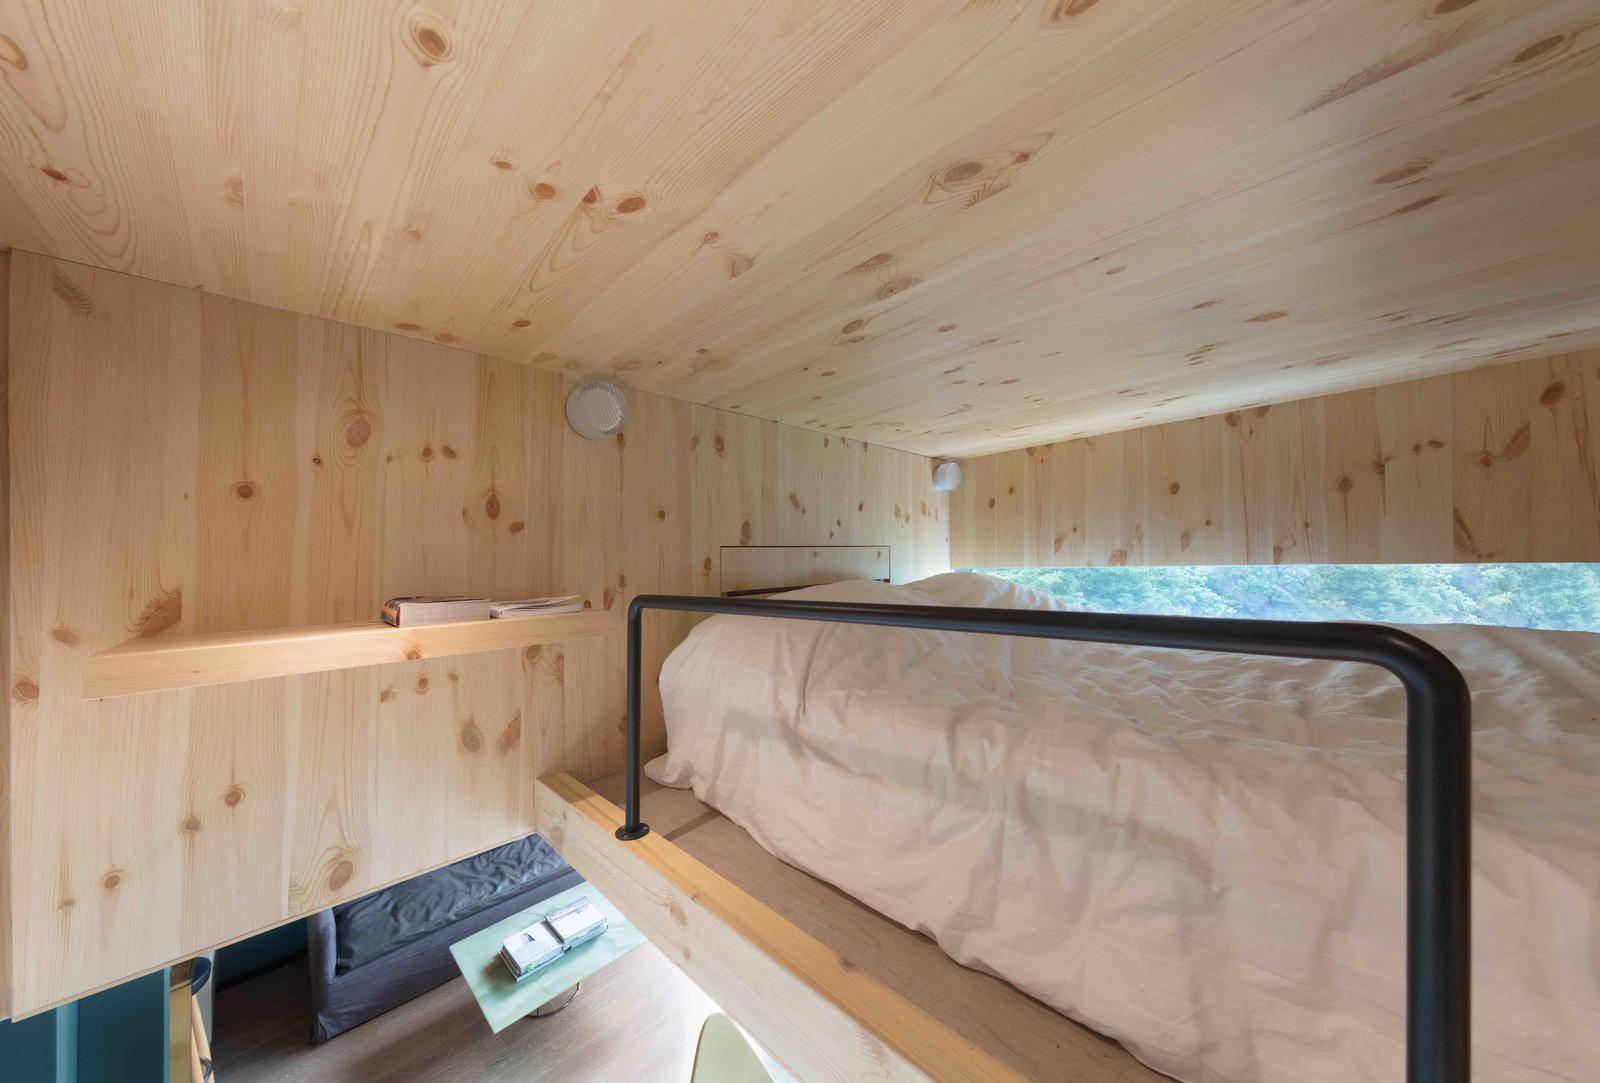 Chiêm ngưỡng căn hộ nhỏ này, bạn sẽ thấy nhà nhỏ nhưng có trần cao thì mọi việc đều được giải quyết đơn giản - Ảnh 5.